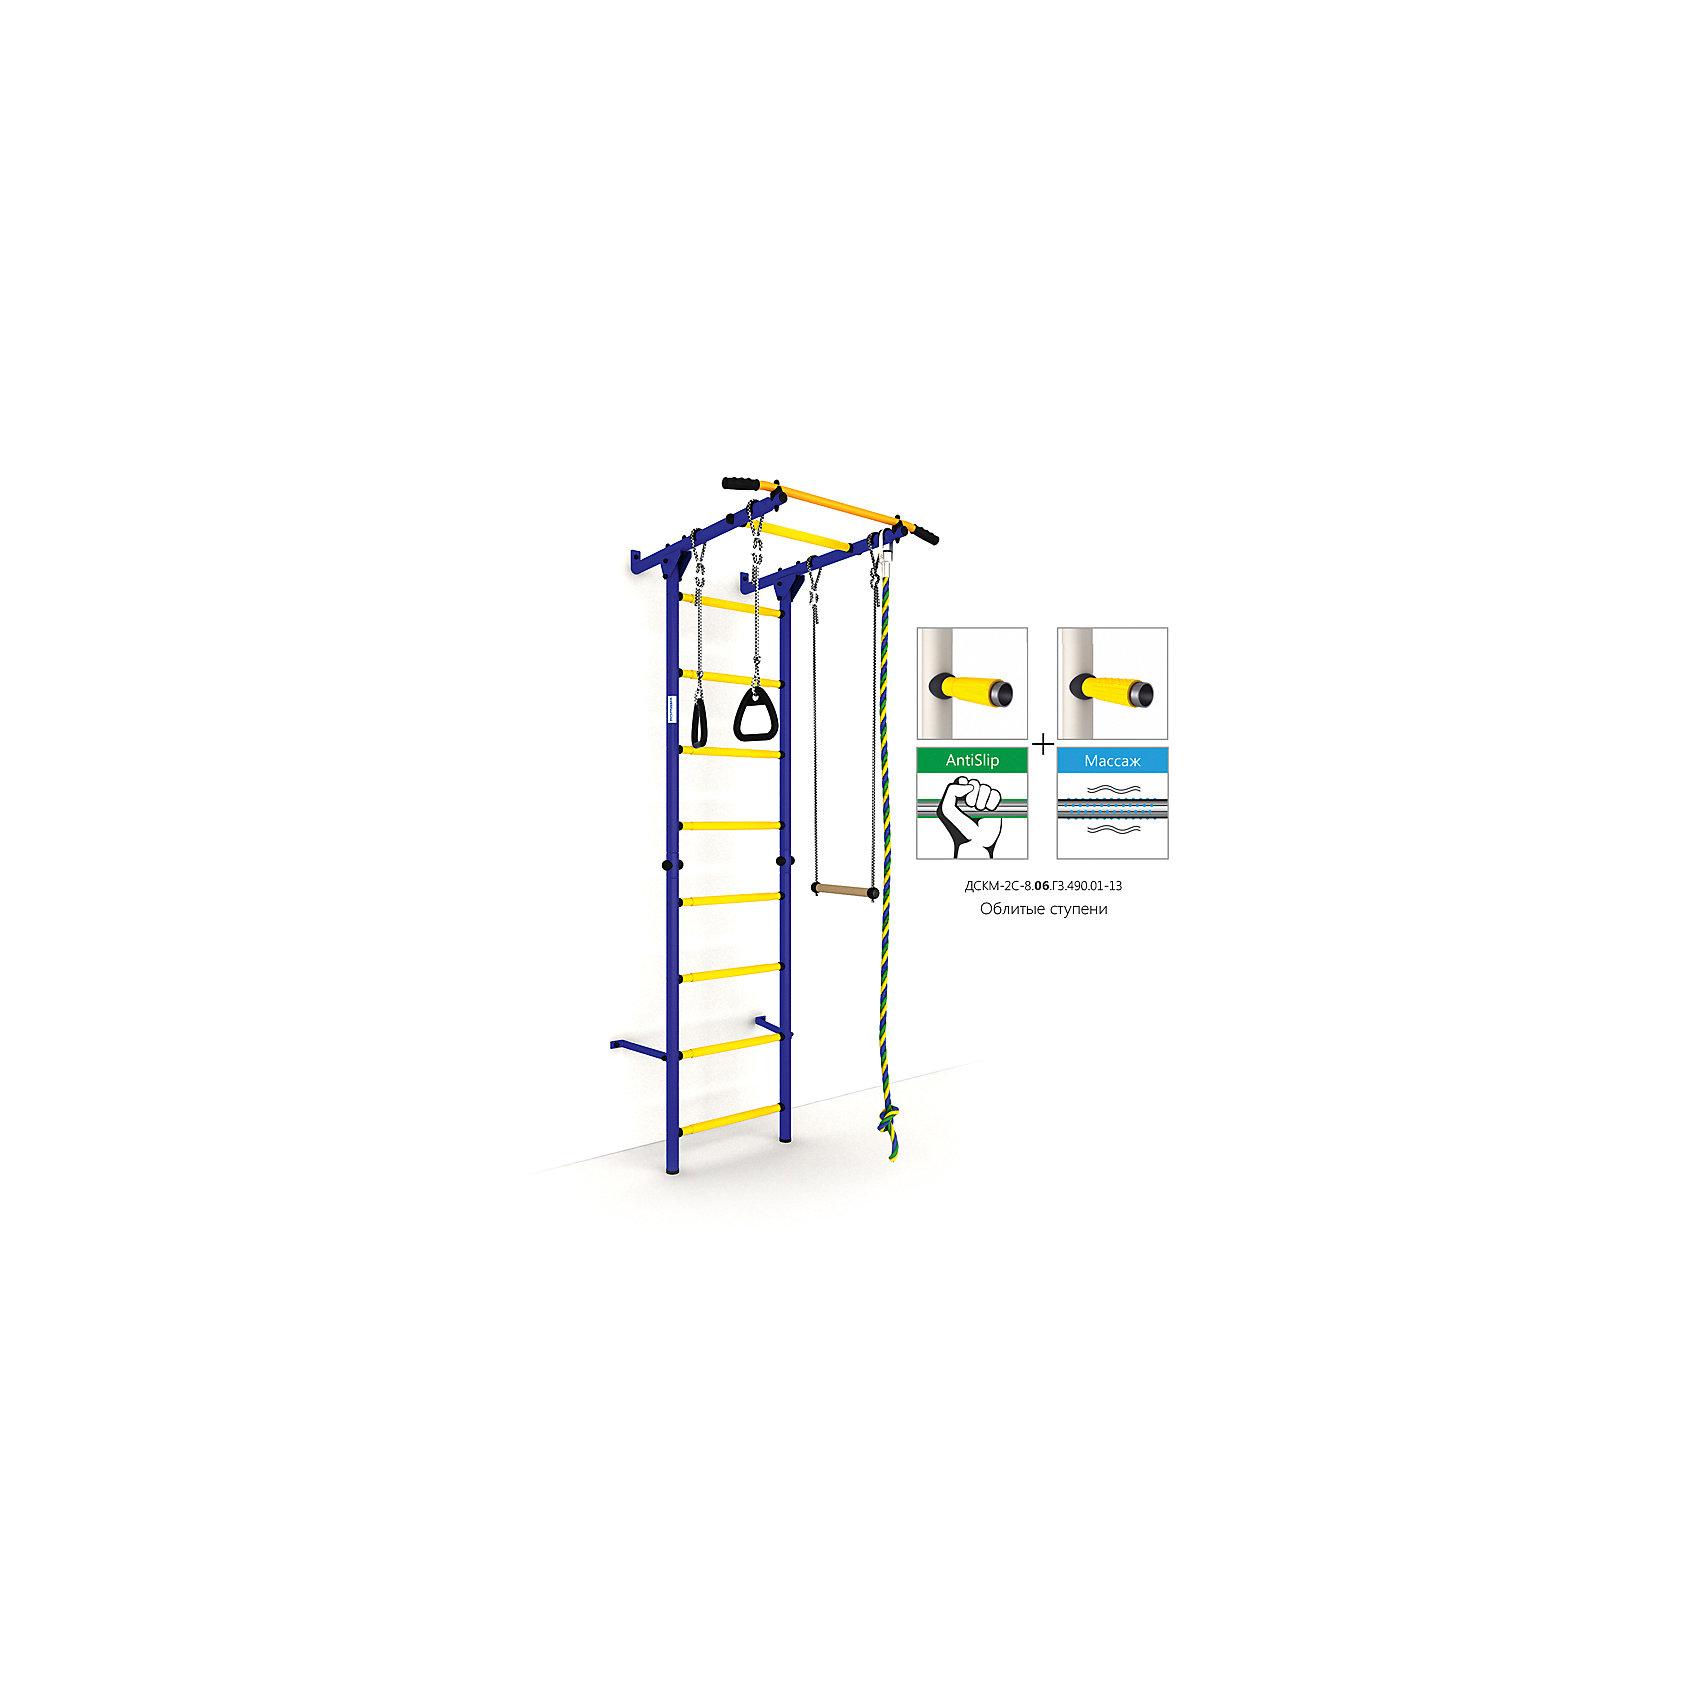 Шведская лестница Карусель S1, синий-желтыйШведские стенки<br>Карусель S1 использует внедренную ступень antislip (антискользящая), обеспечивающая более крепкий хват. Микромассажный эффект остальных ступеней помогает развитию общей моторики детей и является профилактикой плоскостопия.<br><br>Ширина мм: 1160<br>Глубина мм: 610<br>Высота мм: 140<br>Вес г: 18000<br>Возраст от месяцев: 36<br>Возраст до месяцев: 192<br>Пол: Унисекс<br>Возраст: Детский<br>SKU: 5251545